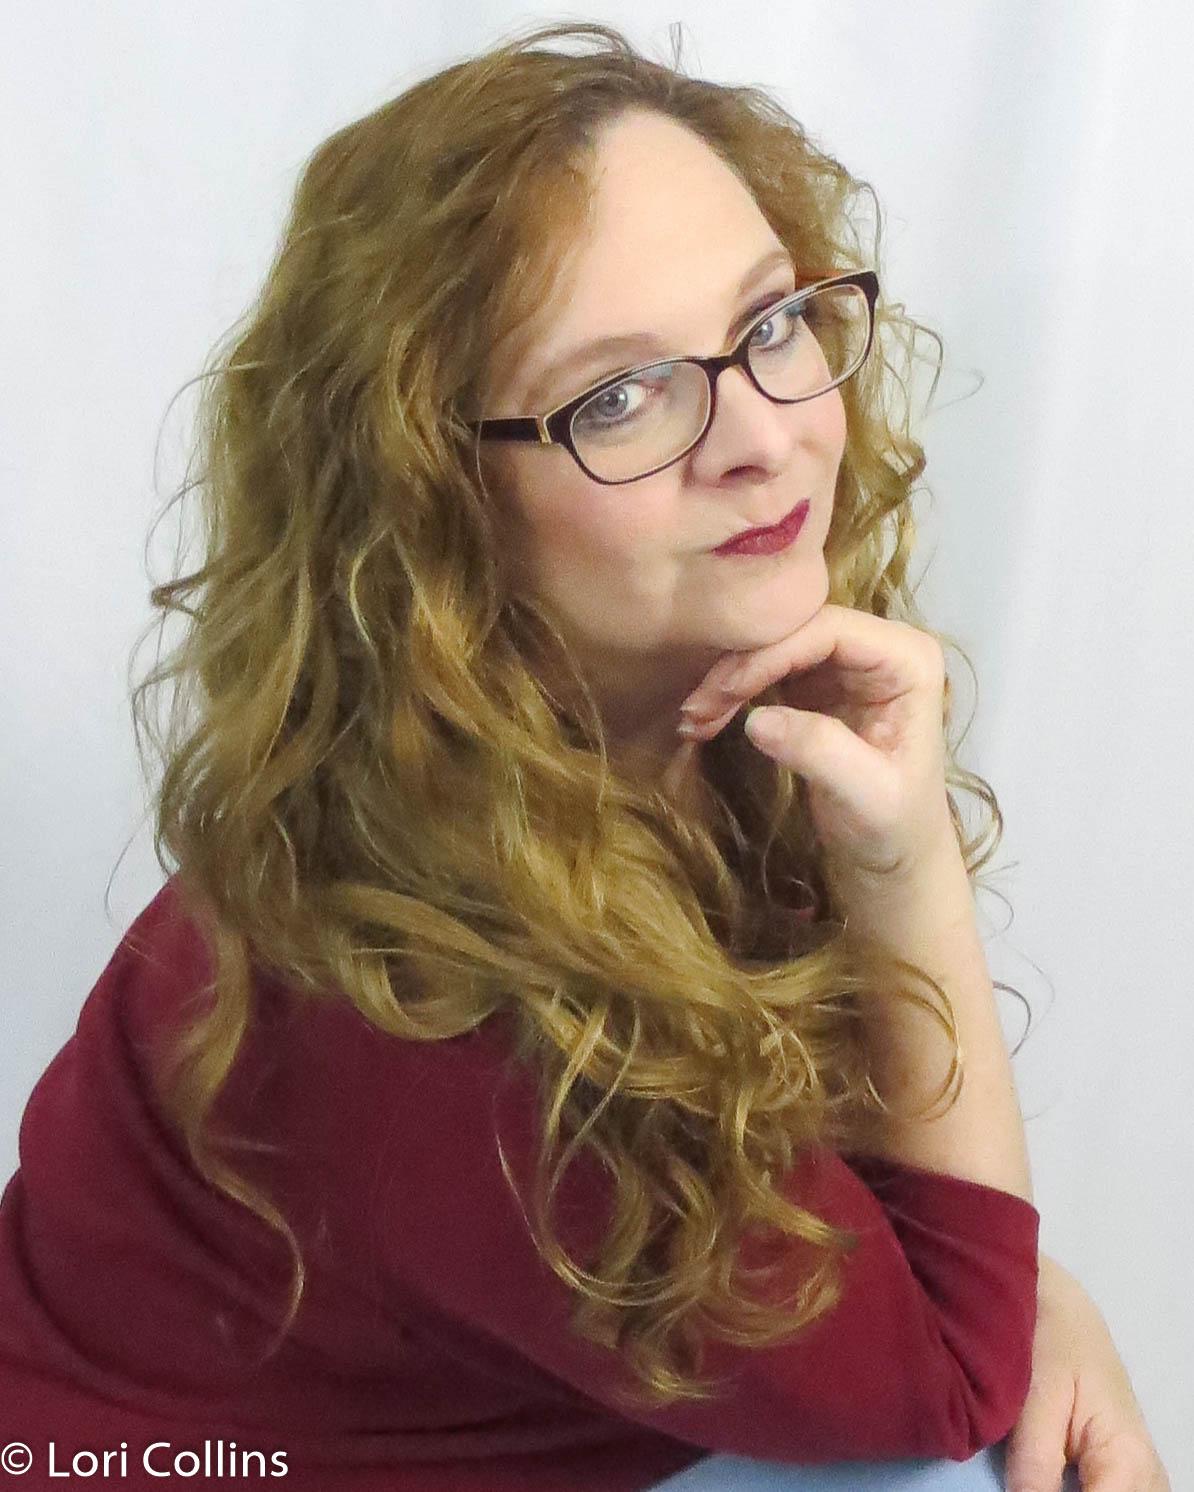 Lori Collins @ Msmomfixit.com.